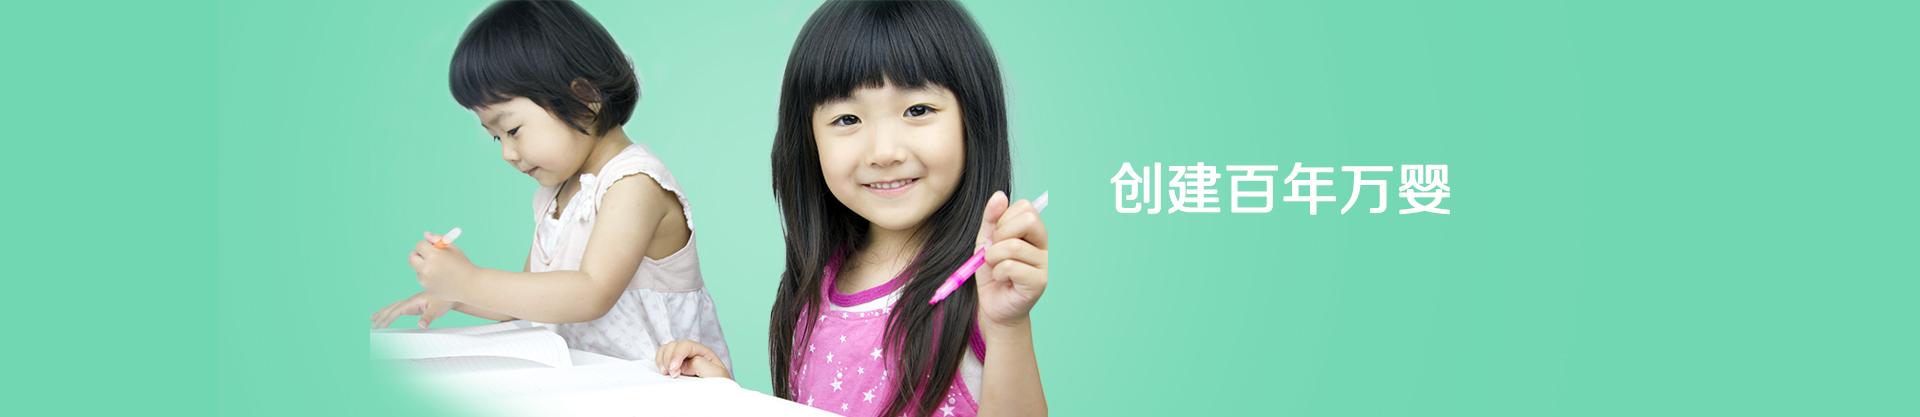 品牌简介 万婴幼儿园是万婴教育集团旗下的高品质幼儿园,深根幼儿